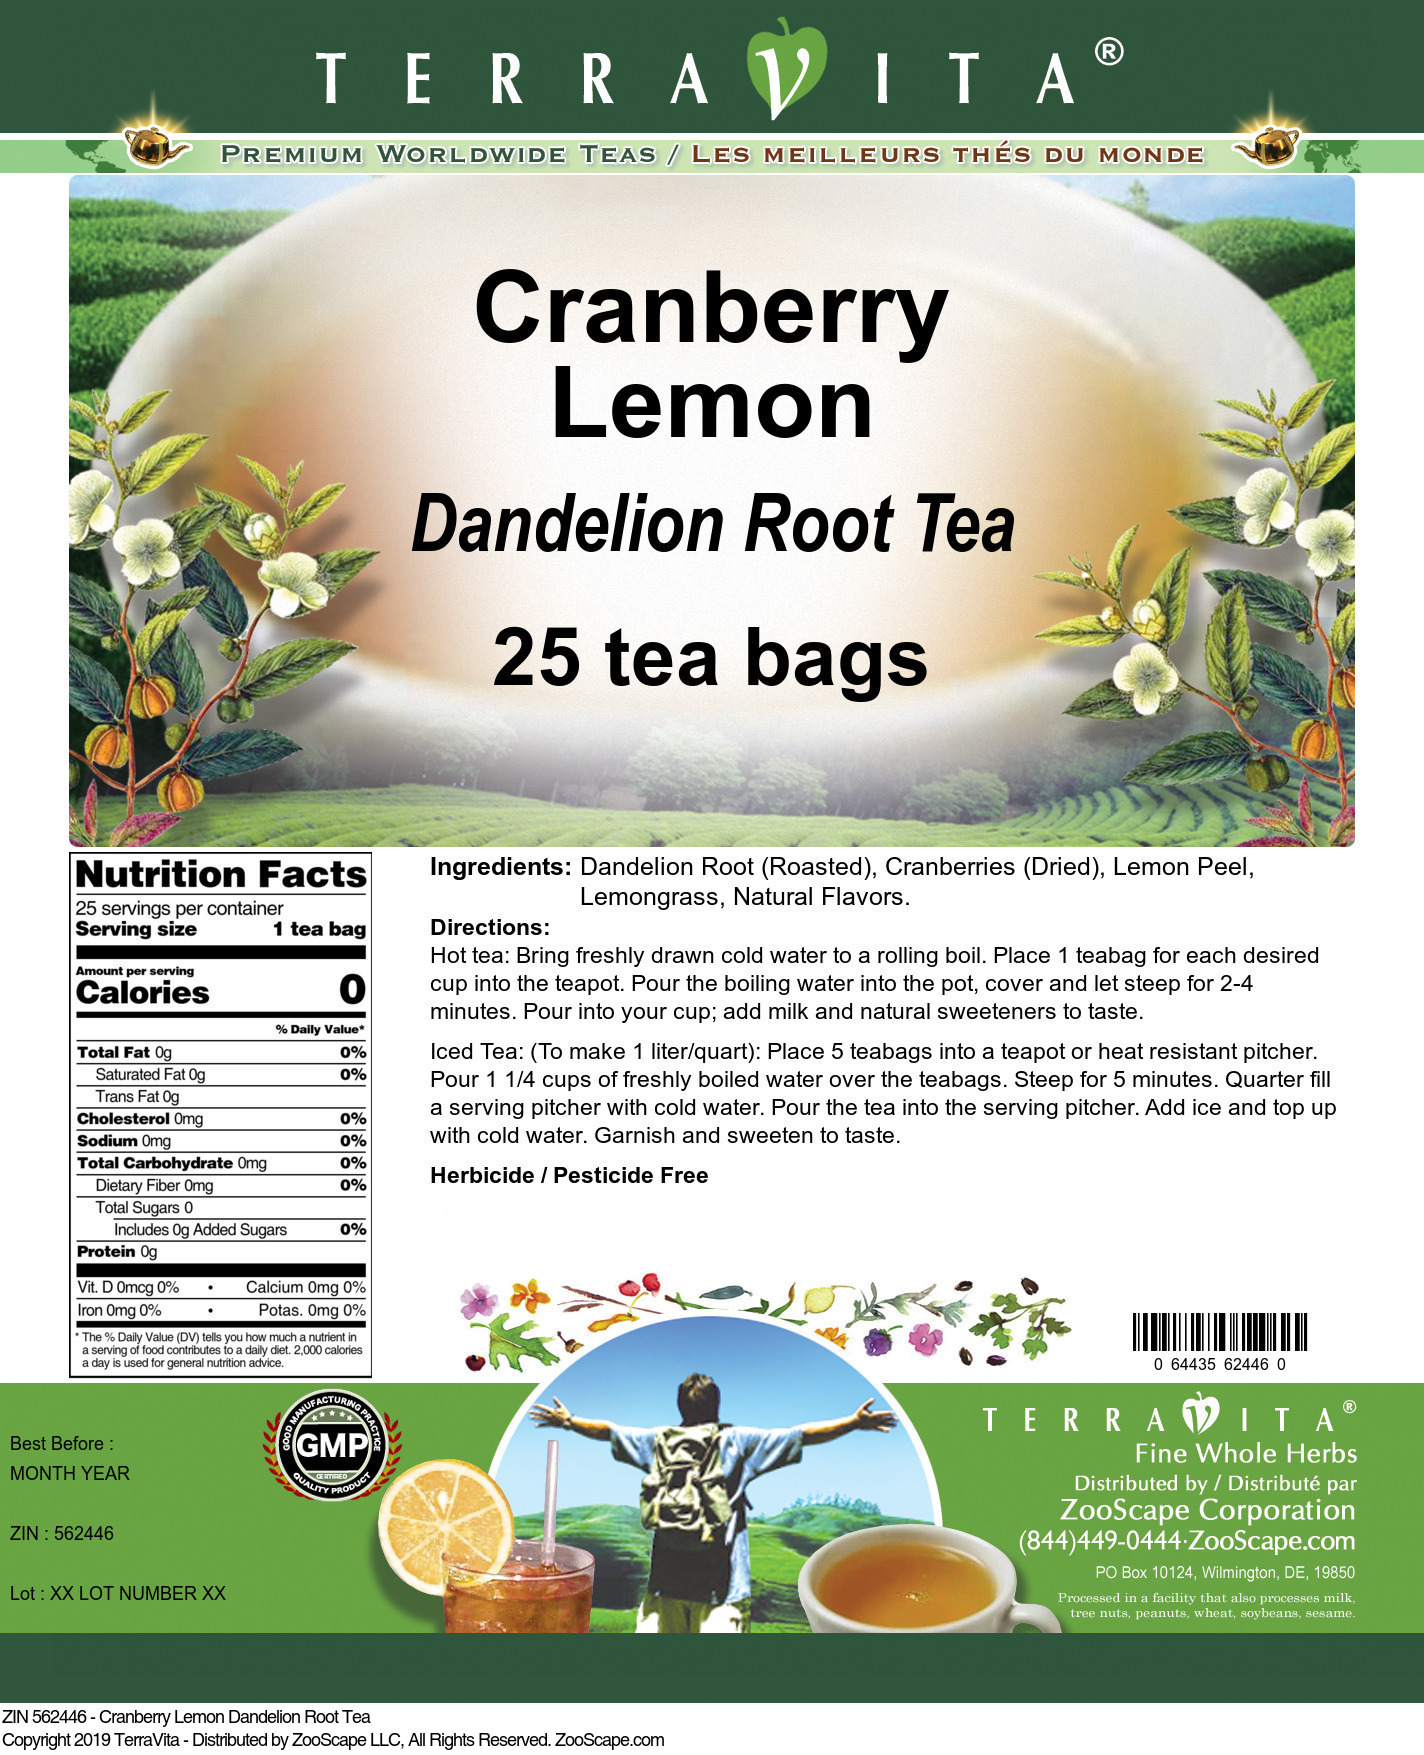 Cranberry Lemon Dandelion Root